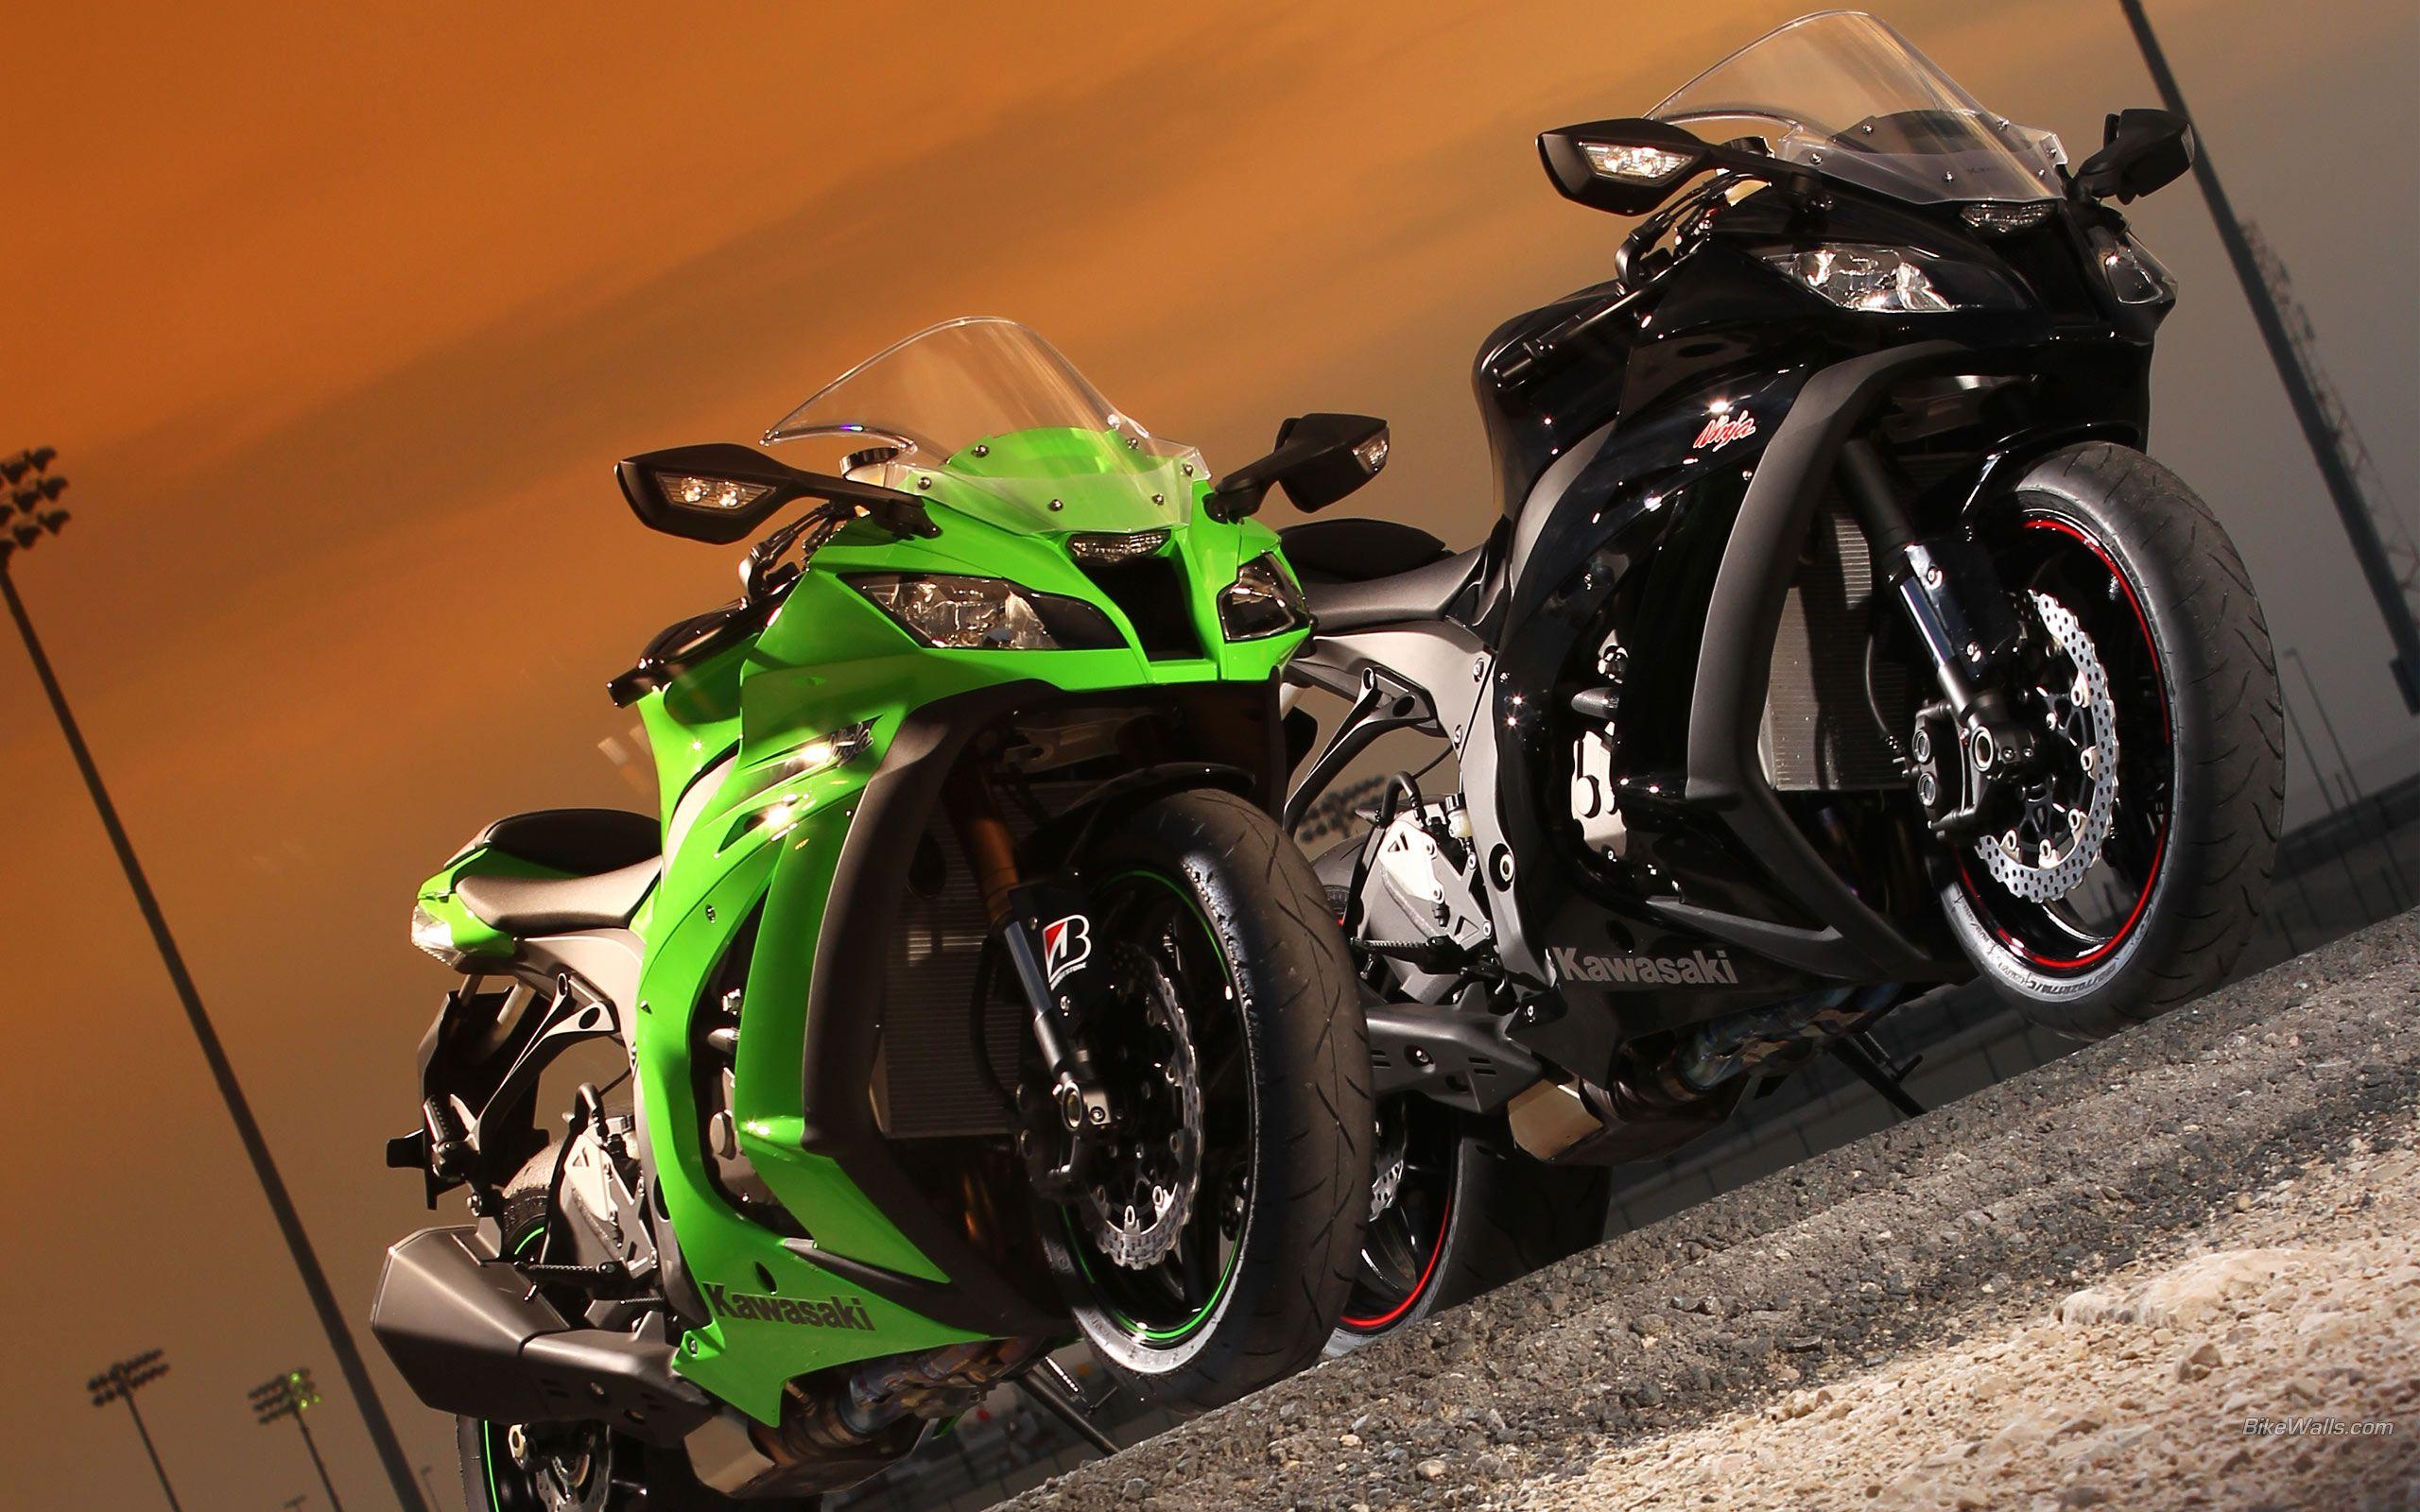 Kawasaki ninja zx10r hd wallpapers 7